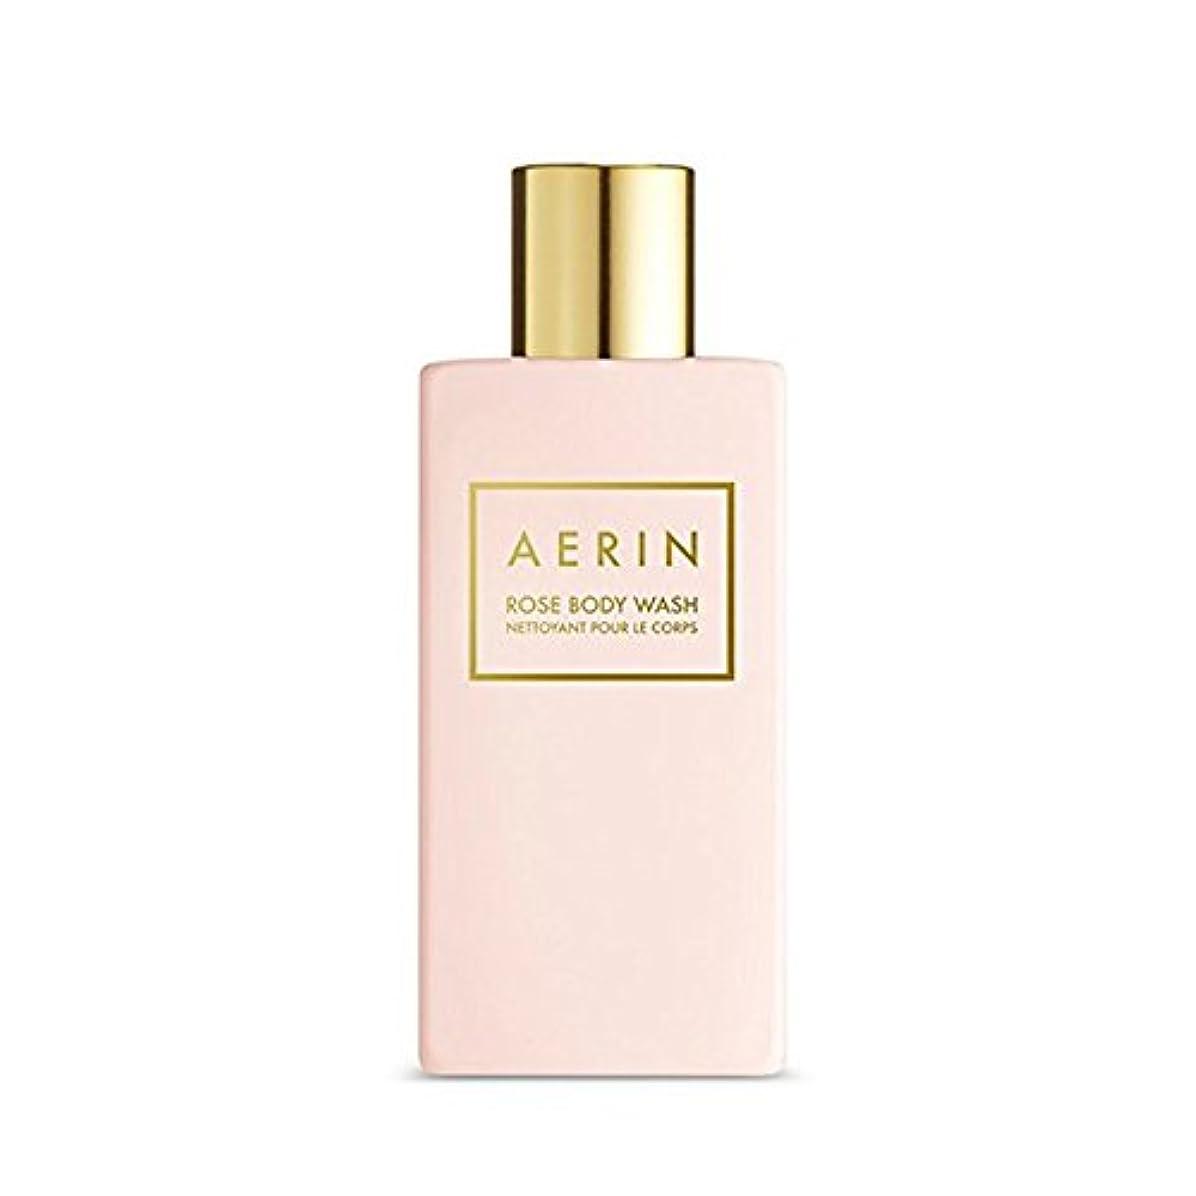 天皇神秘的な謝罪AERIN Rose Body Wash(アエリン ローズ ボディー ウオッシュ) 7.6 oz (225ml) by Estee Lauder